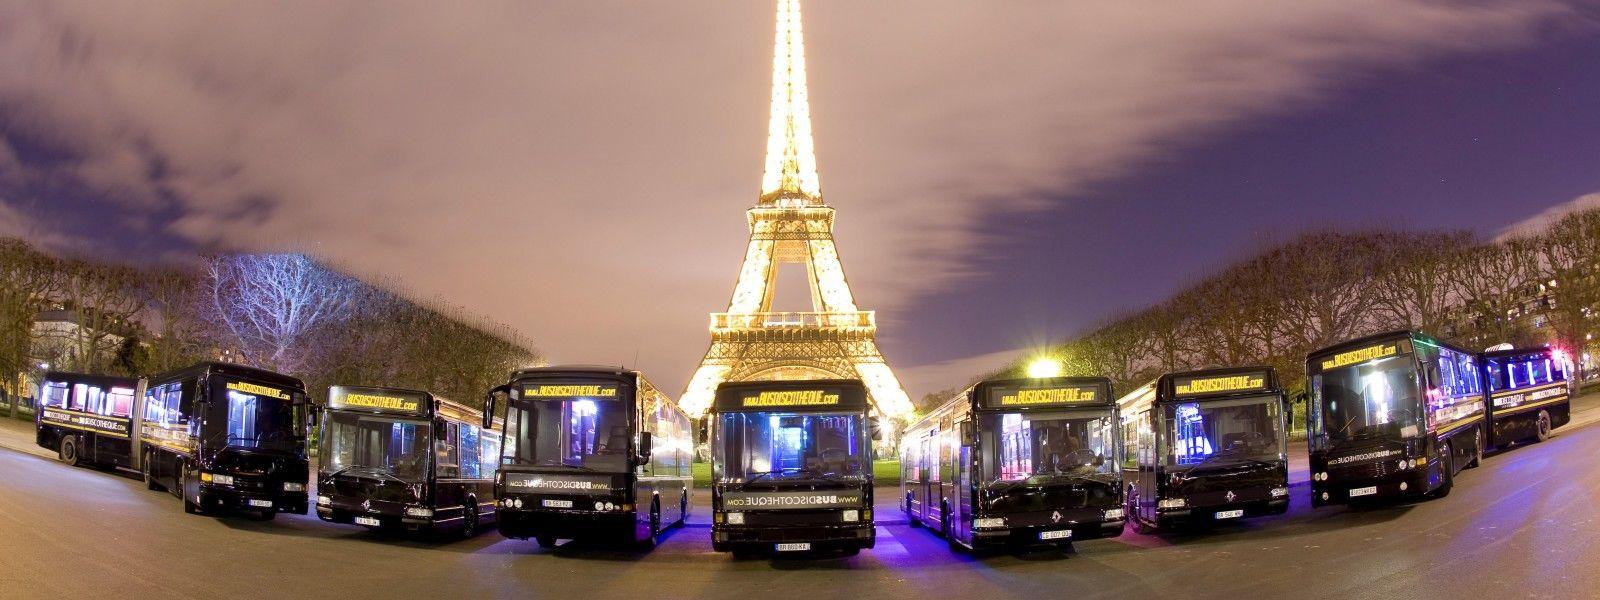 Le Bus Discothèque - Les Bus Discothèque 3